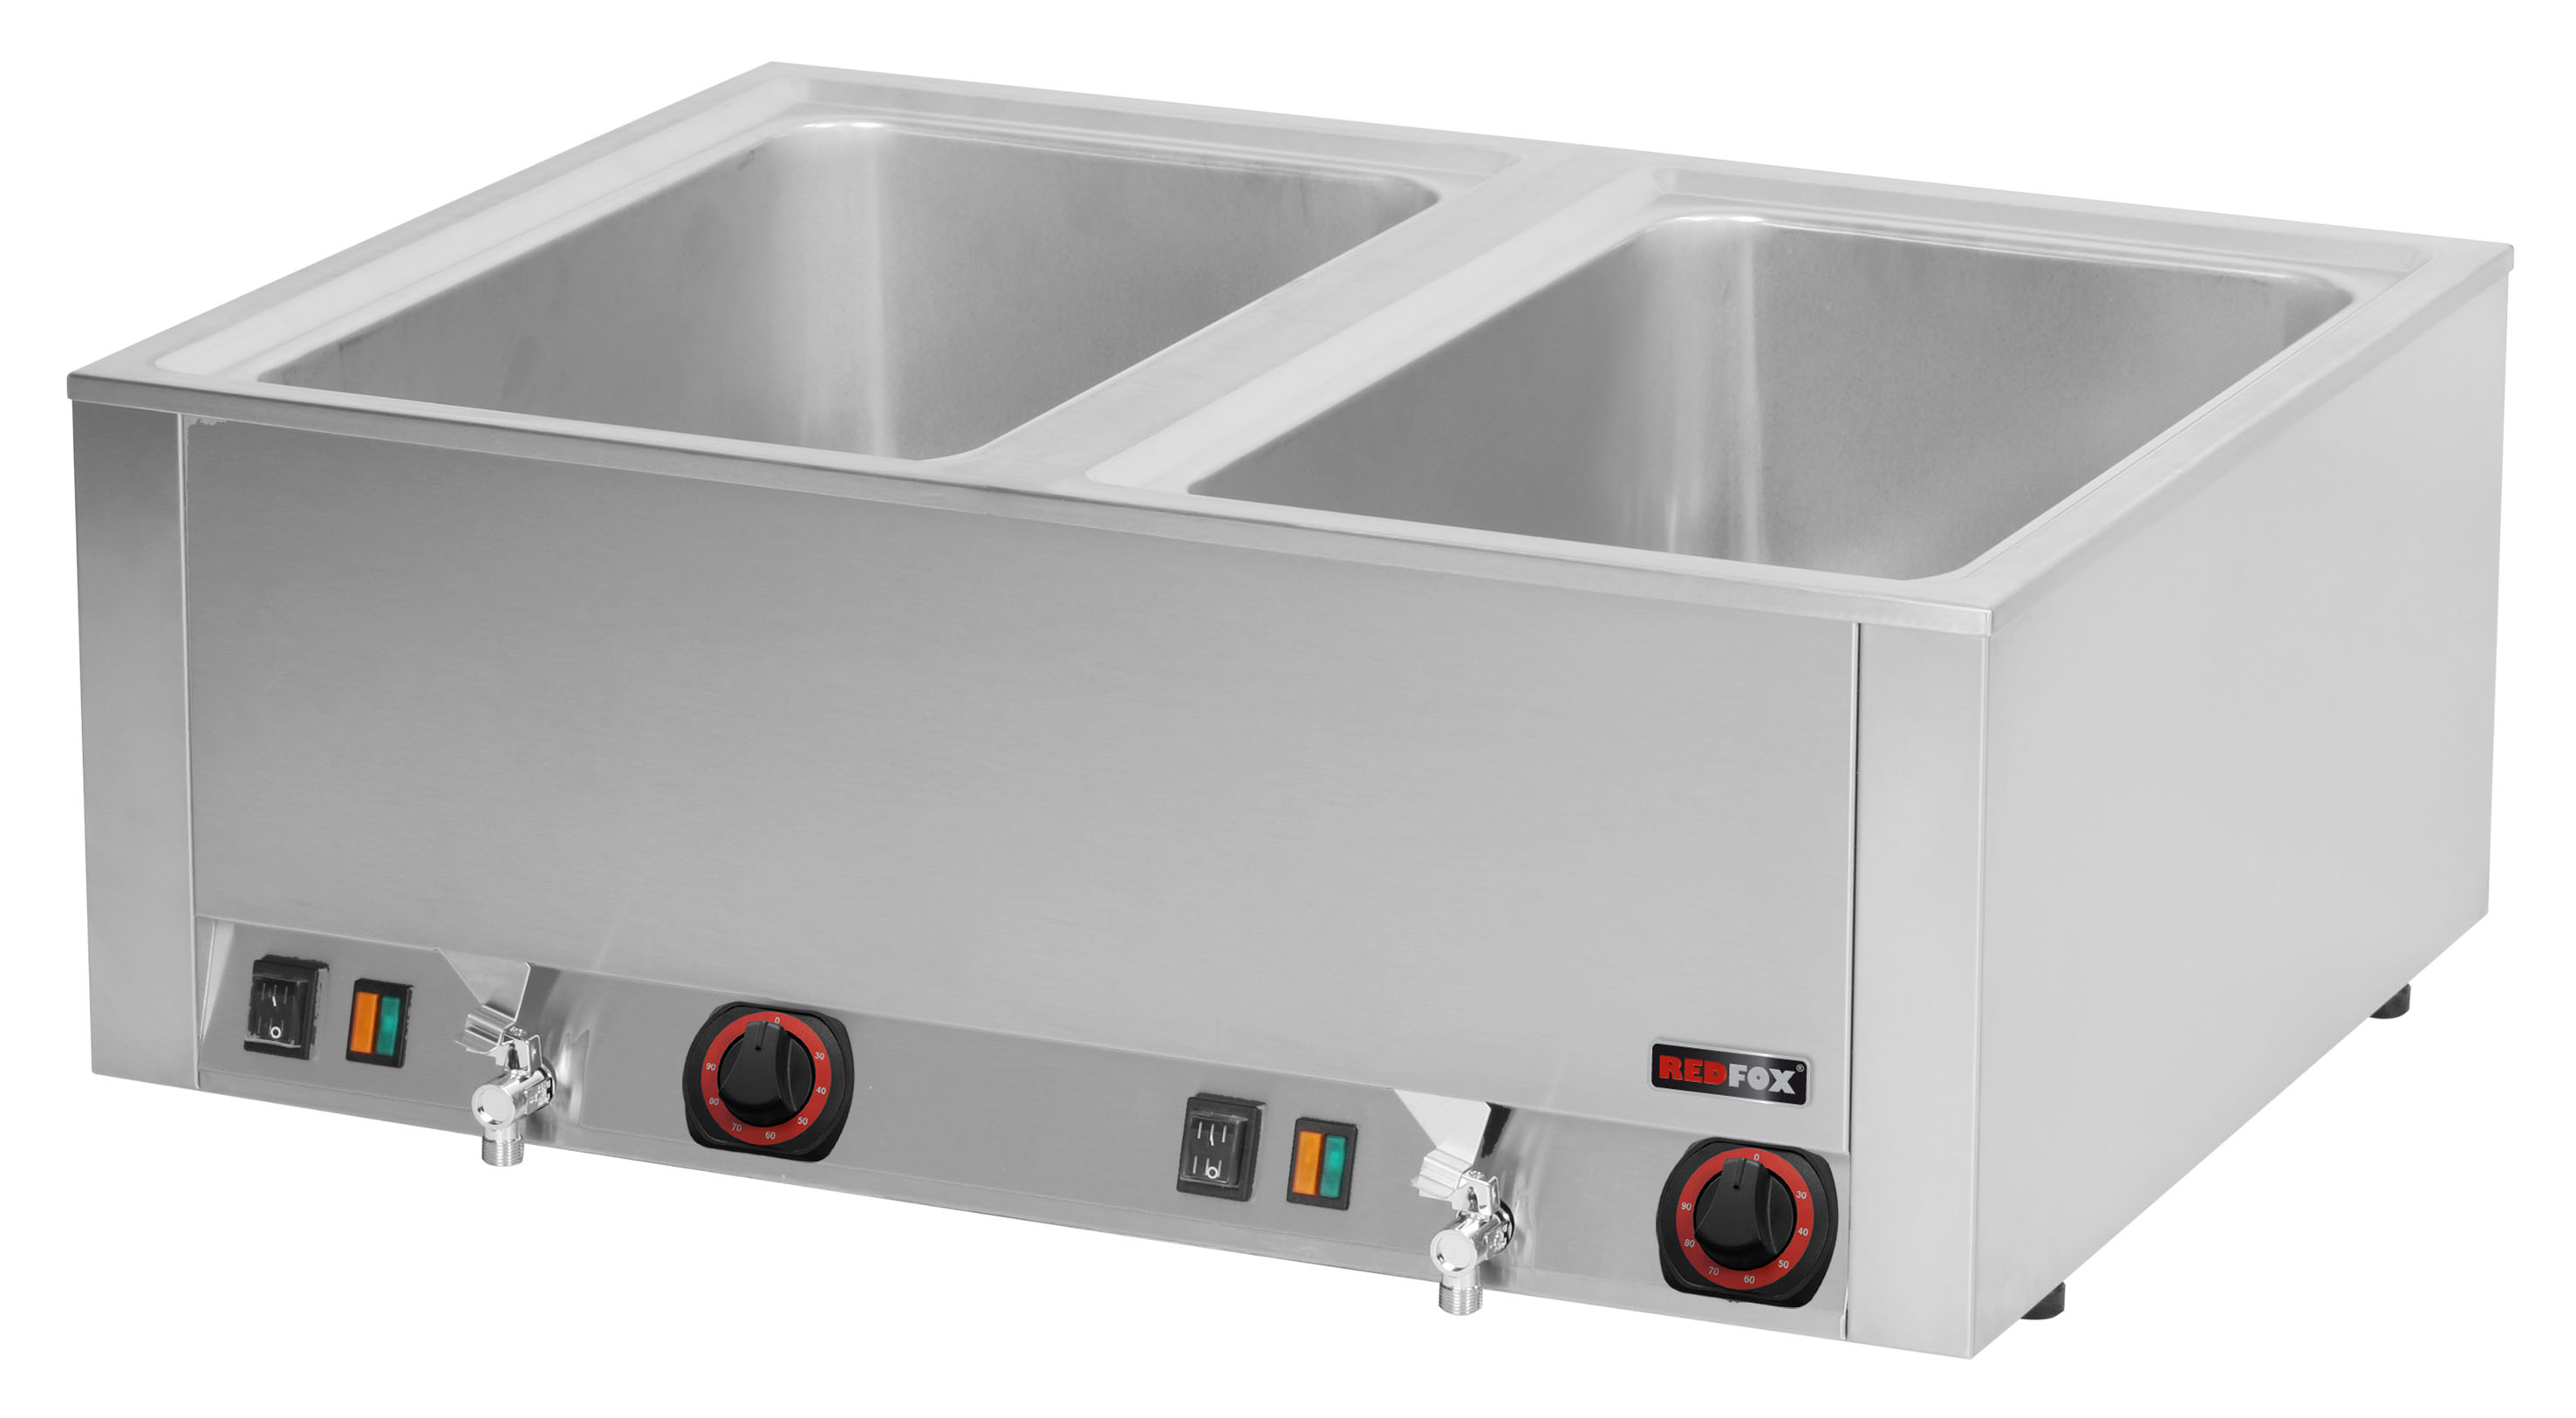 Lázeň vodní elektrická BMV 2120 2x GN1/1 s výpustí RedFox